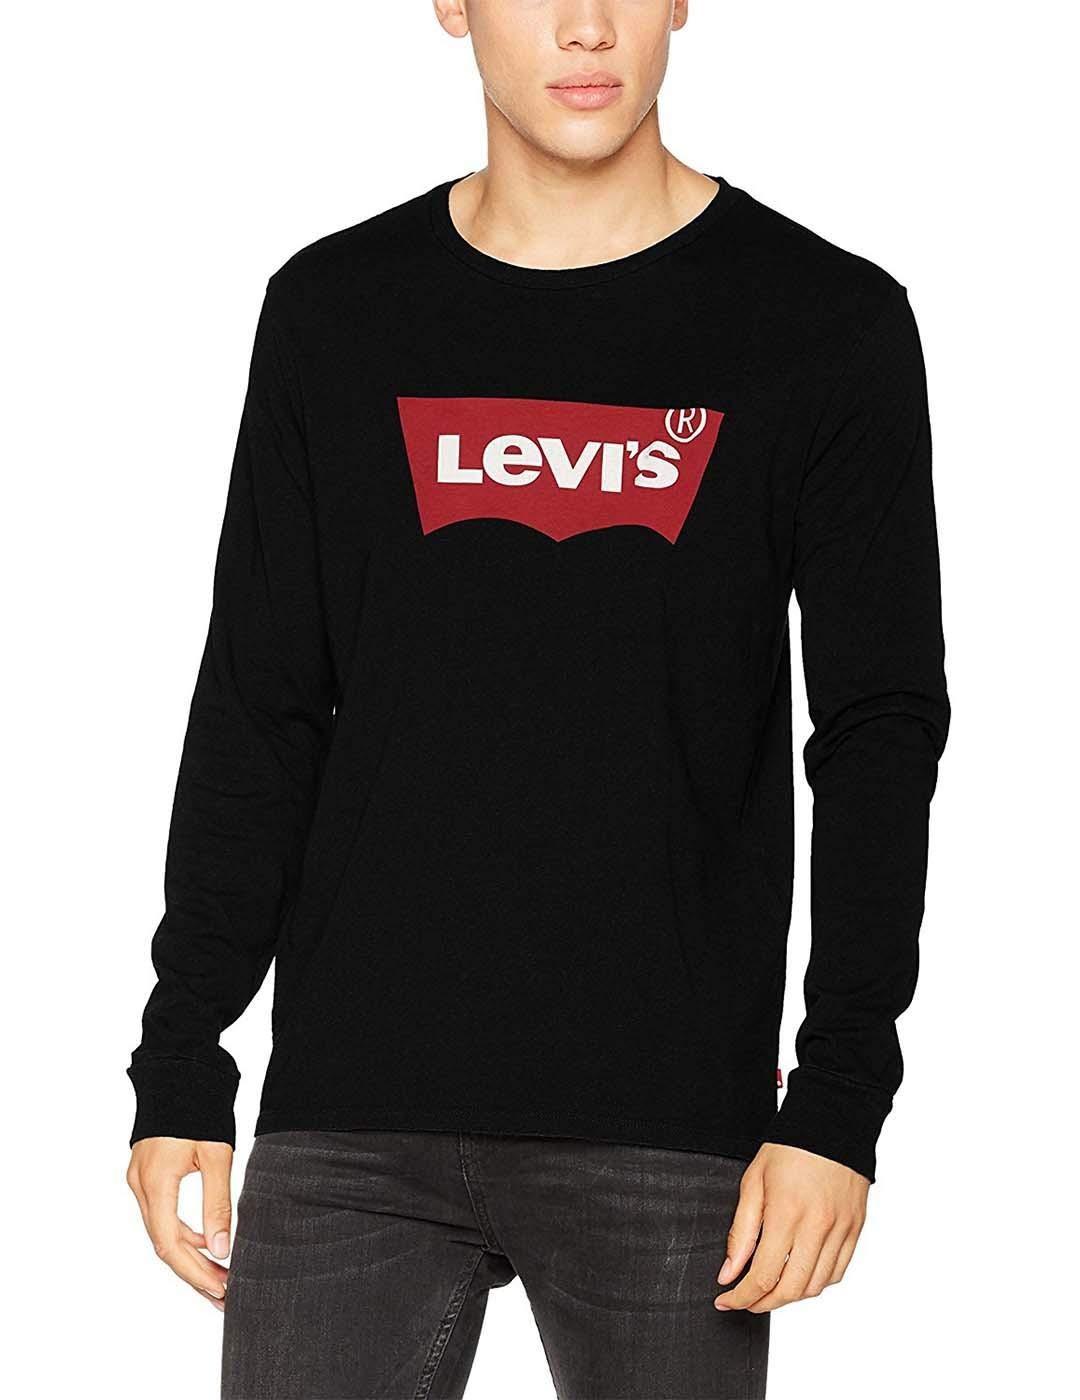 Levi's LS Graphic Tee - B Maglietta a Maniche Lunghe Uomo 1 spesavip